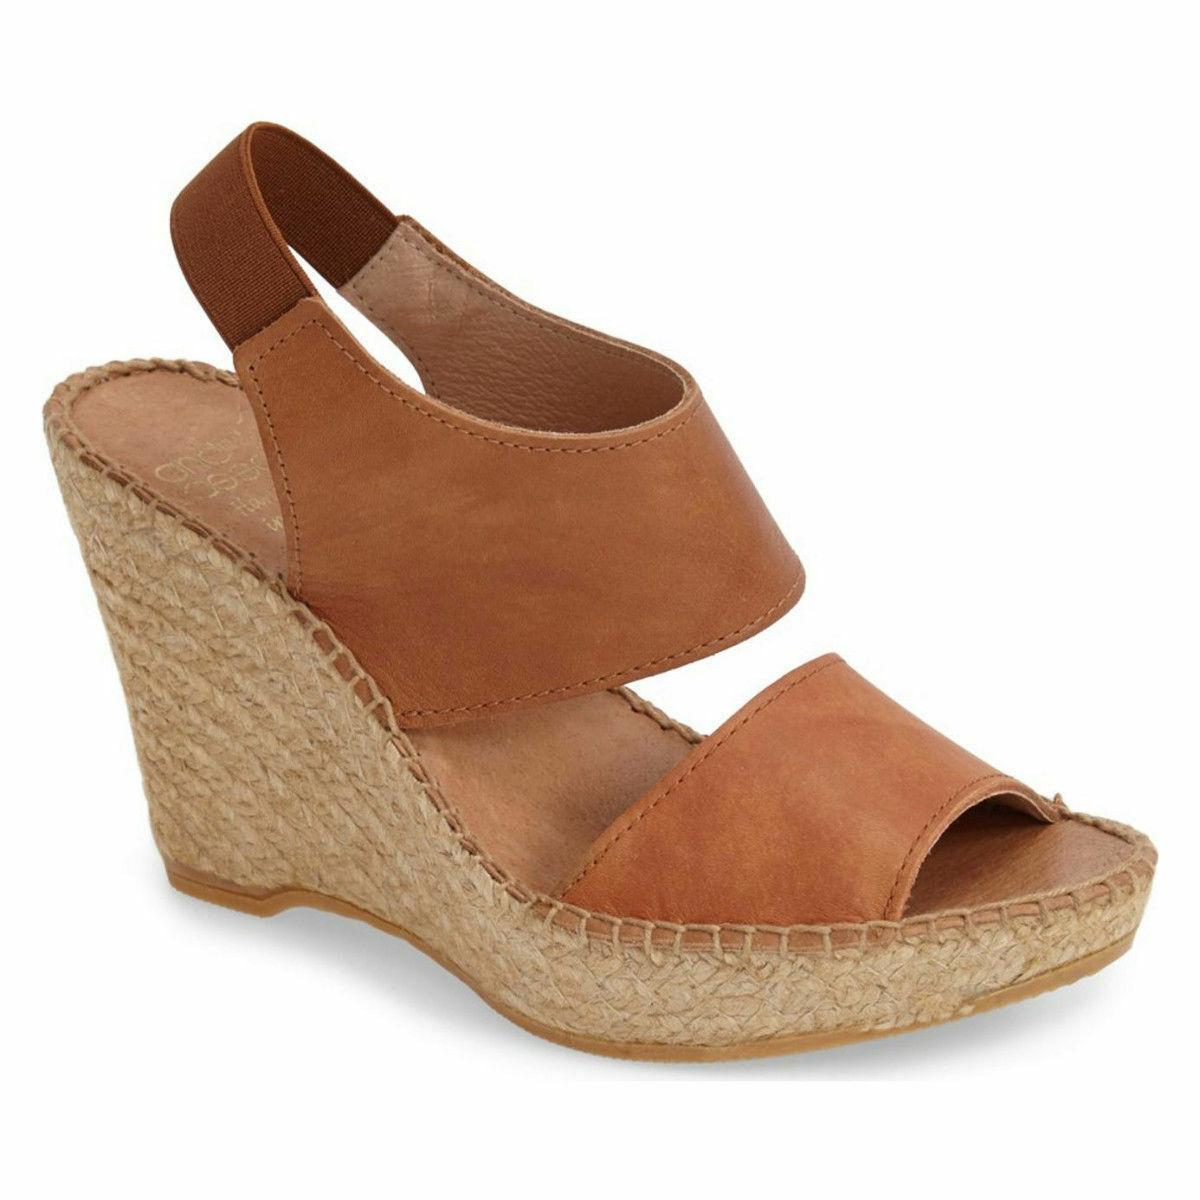 Nya Andre Assous Reese läder Wedge Sandals (Storleks (Storleks (Storleks 8 -9 -10. Handgjorda i Spanien  extremt låga priser